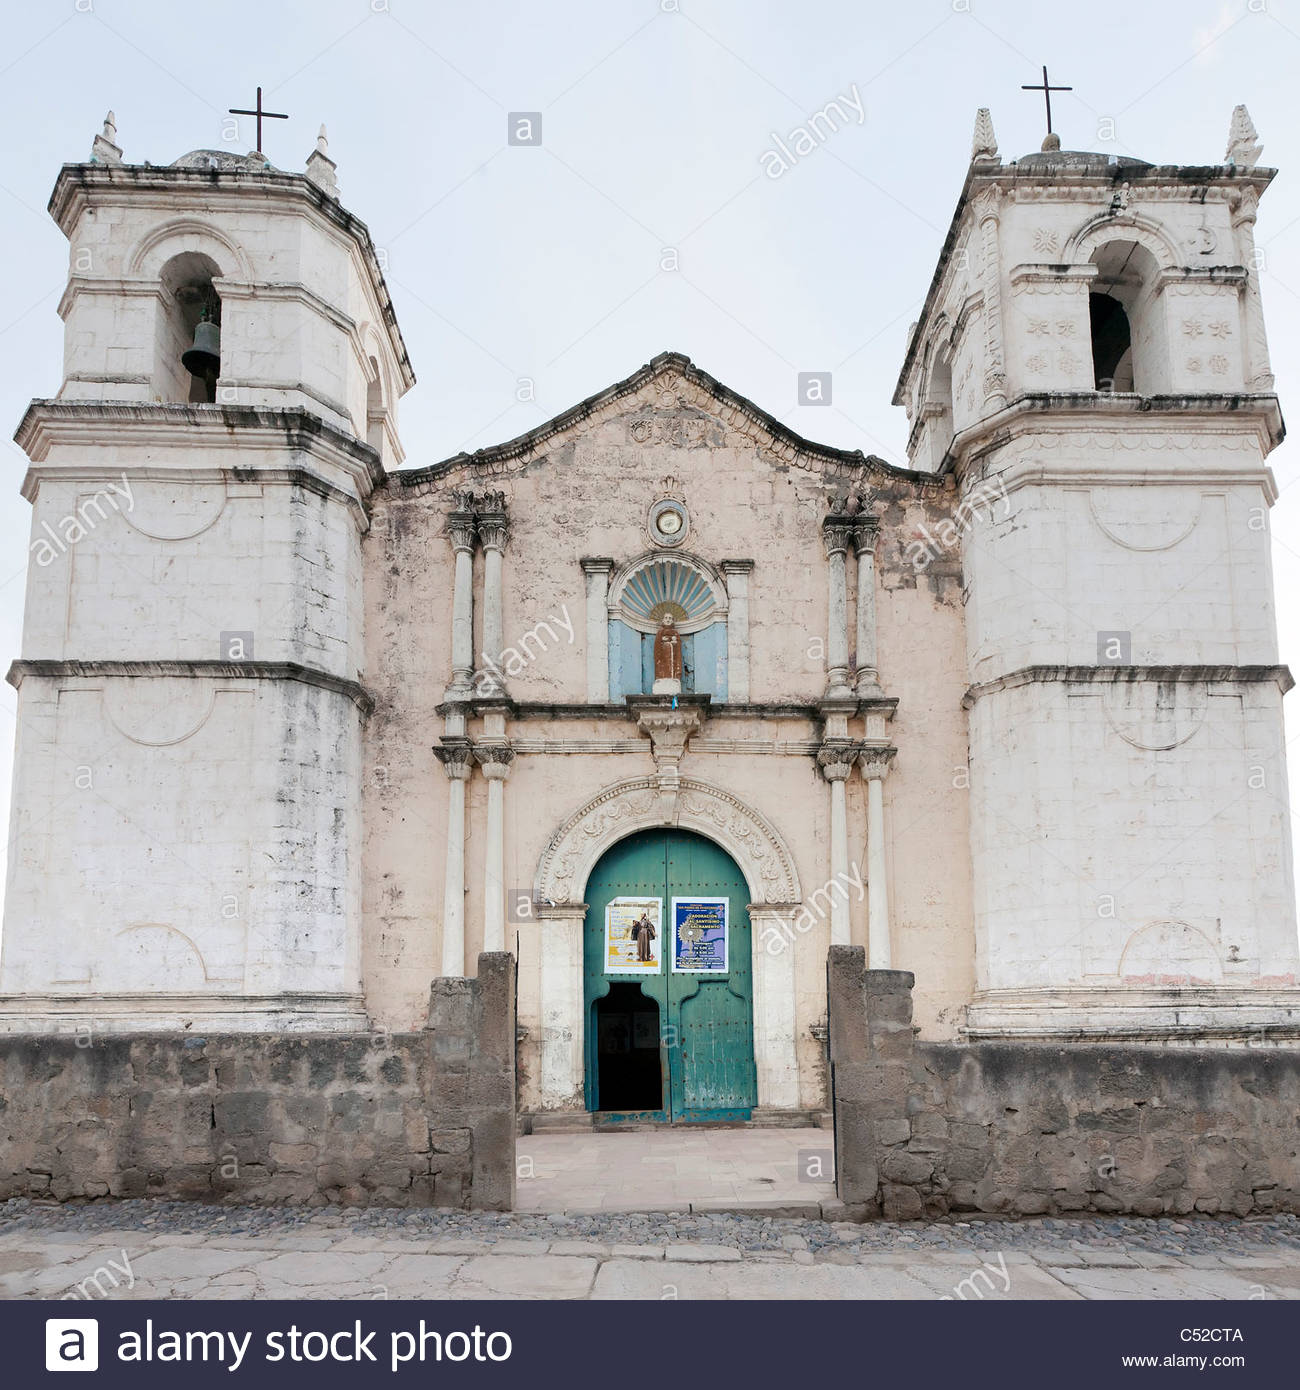 White stone church on the Plaza de Armas in Cabanaconde, Colca Canyon, Peru - Stock Image